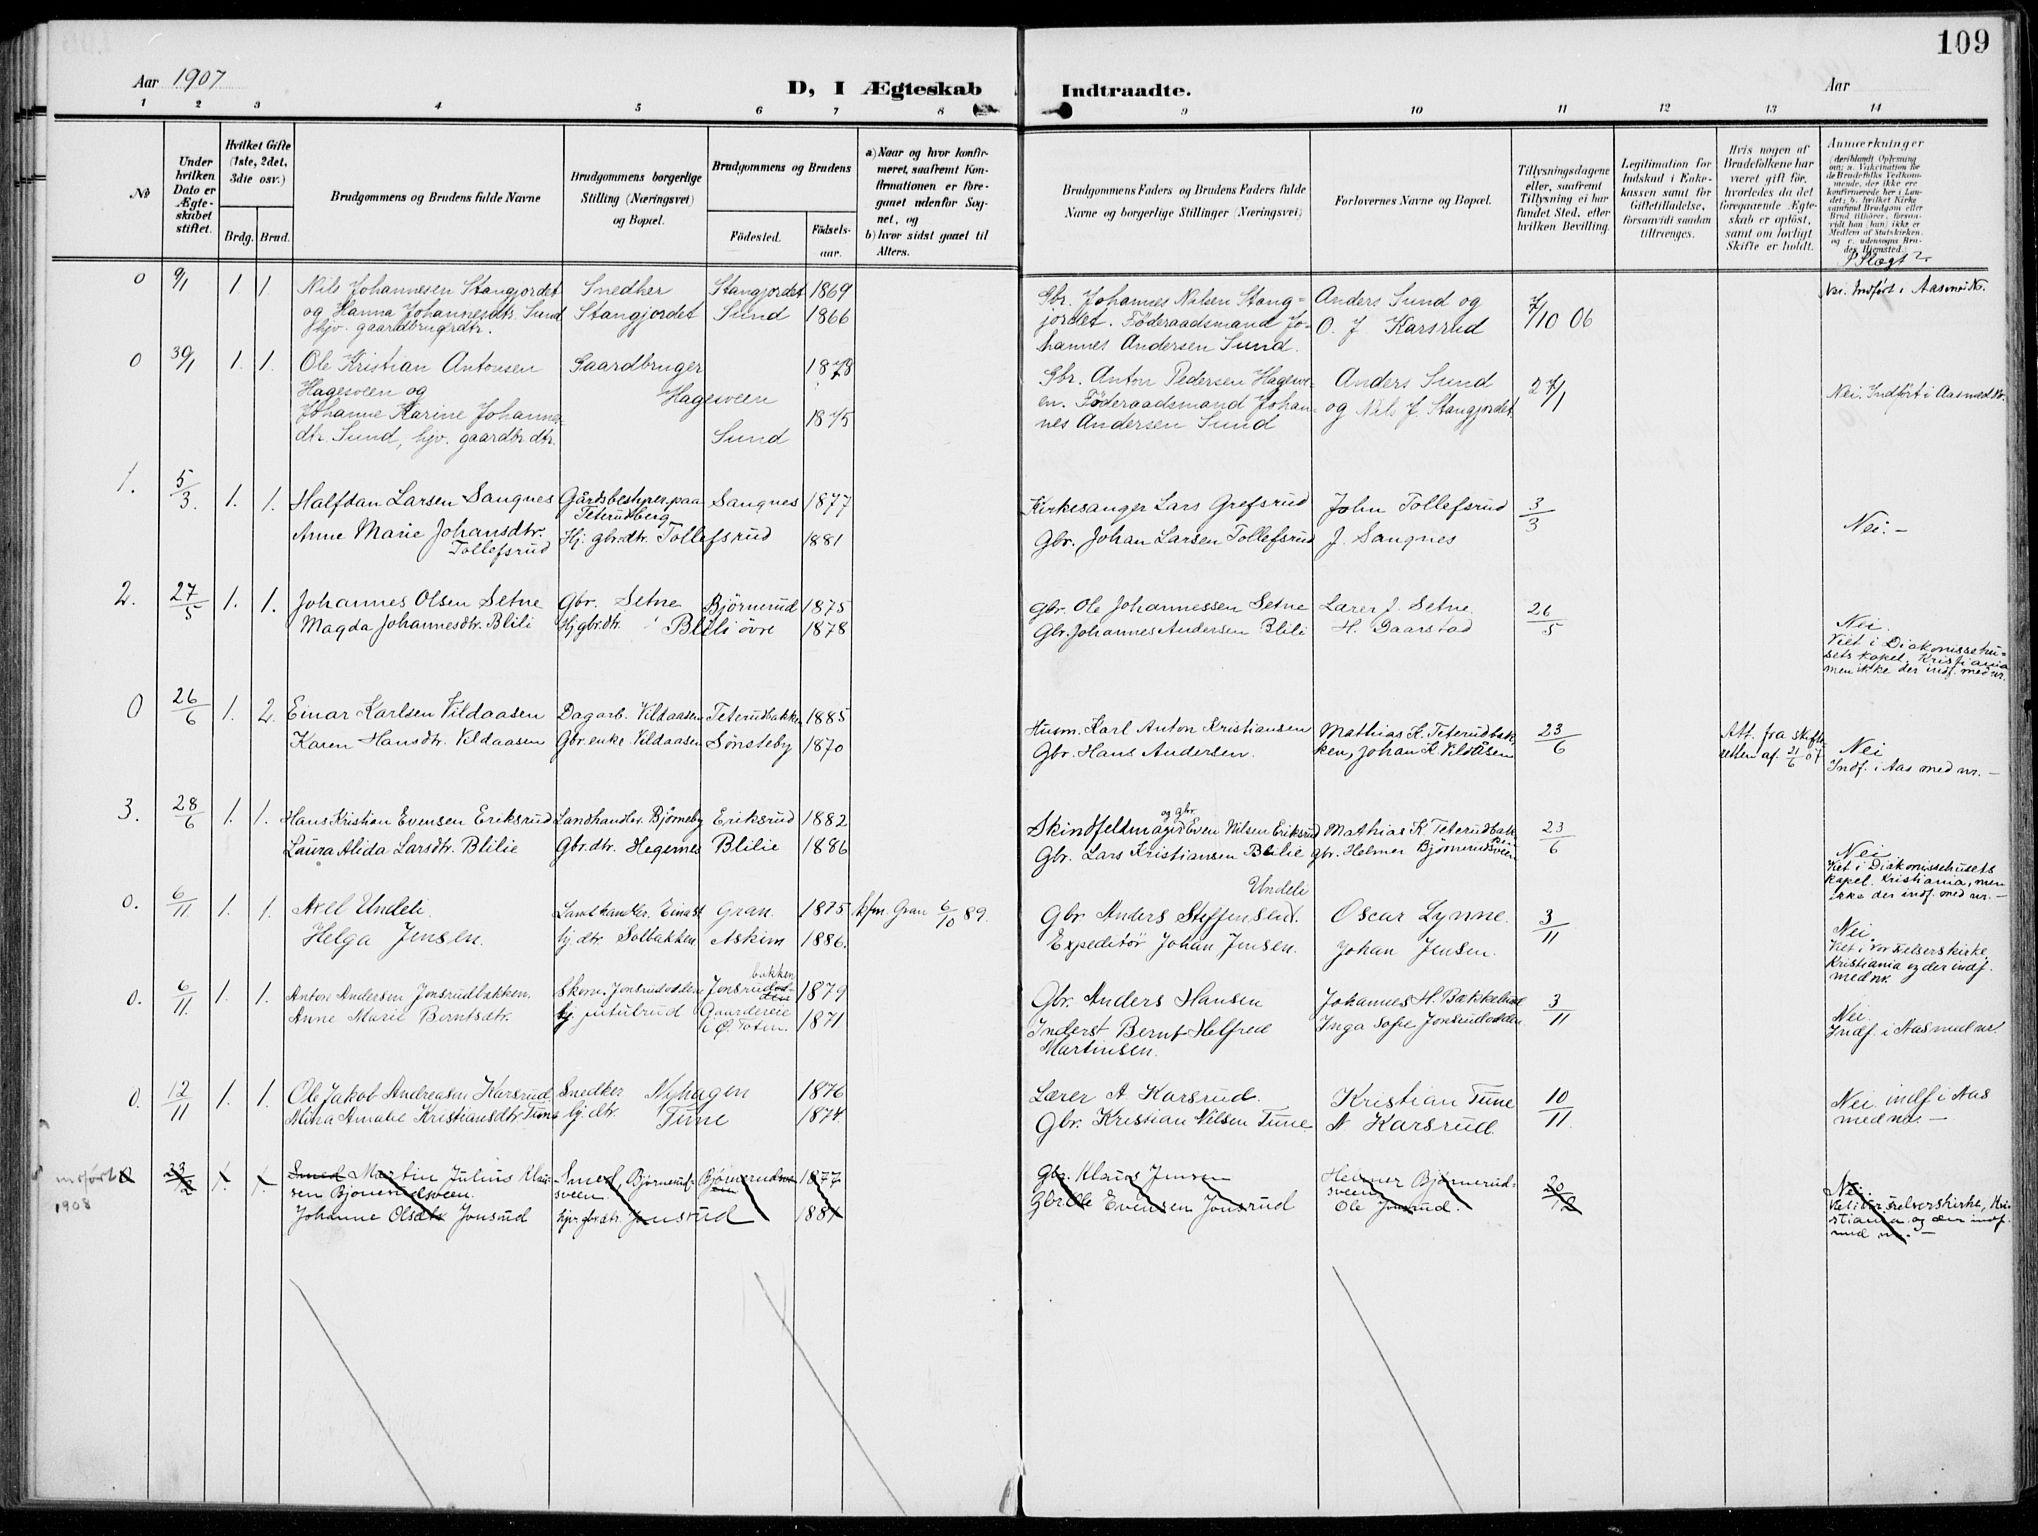 SAH, Kolbu prestekontor, Ministerialbok nr. 1, 1907-1923, s. 109